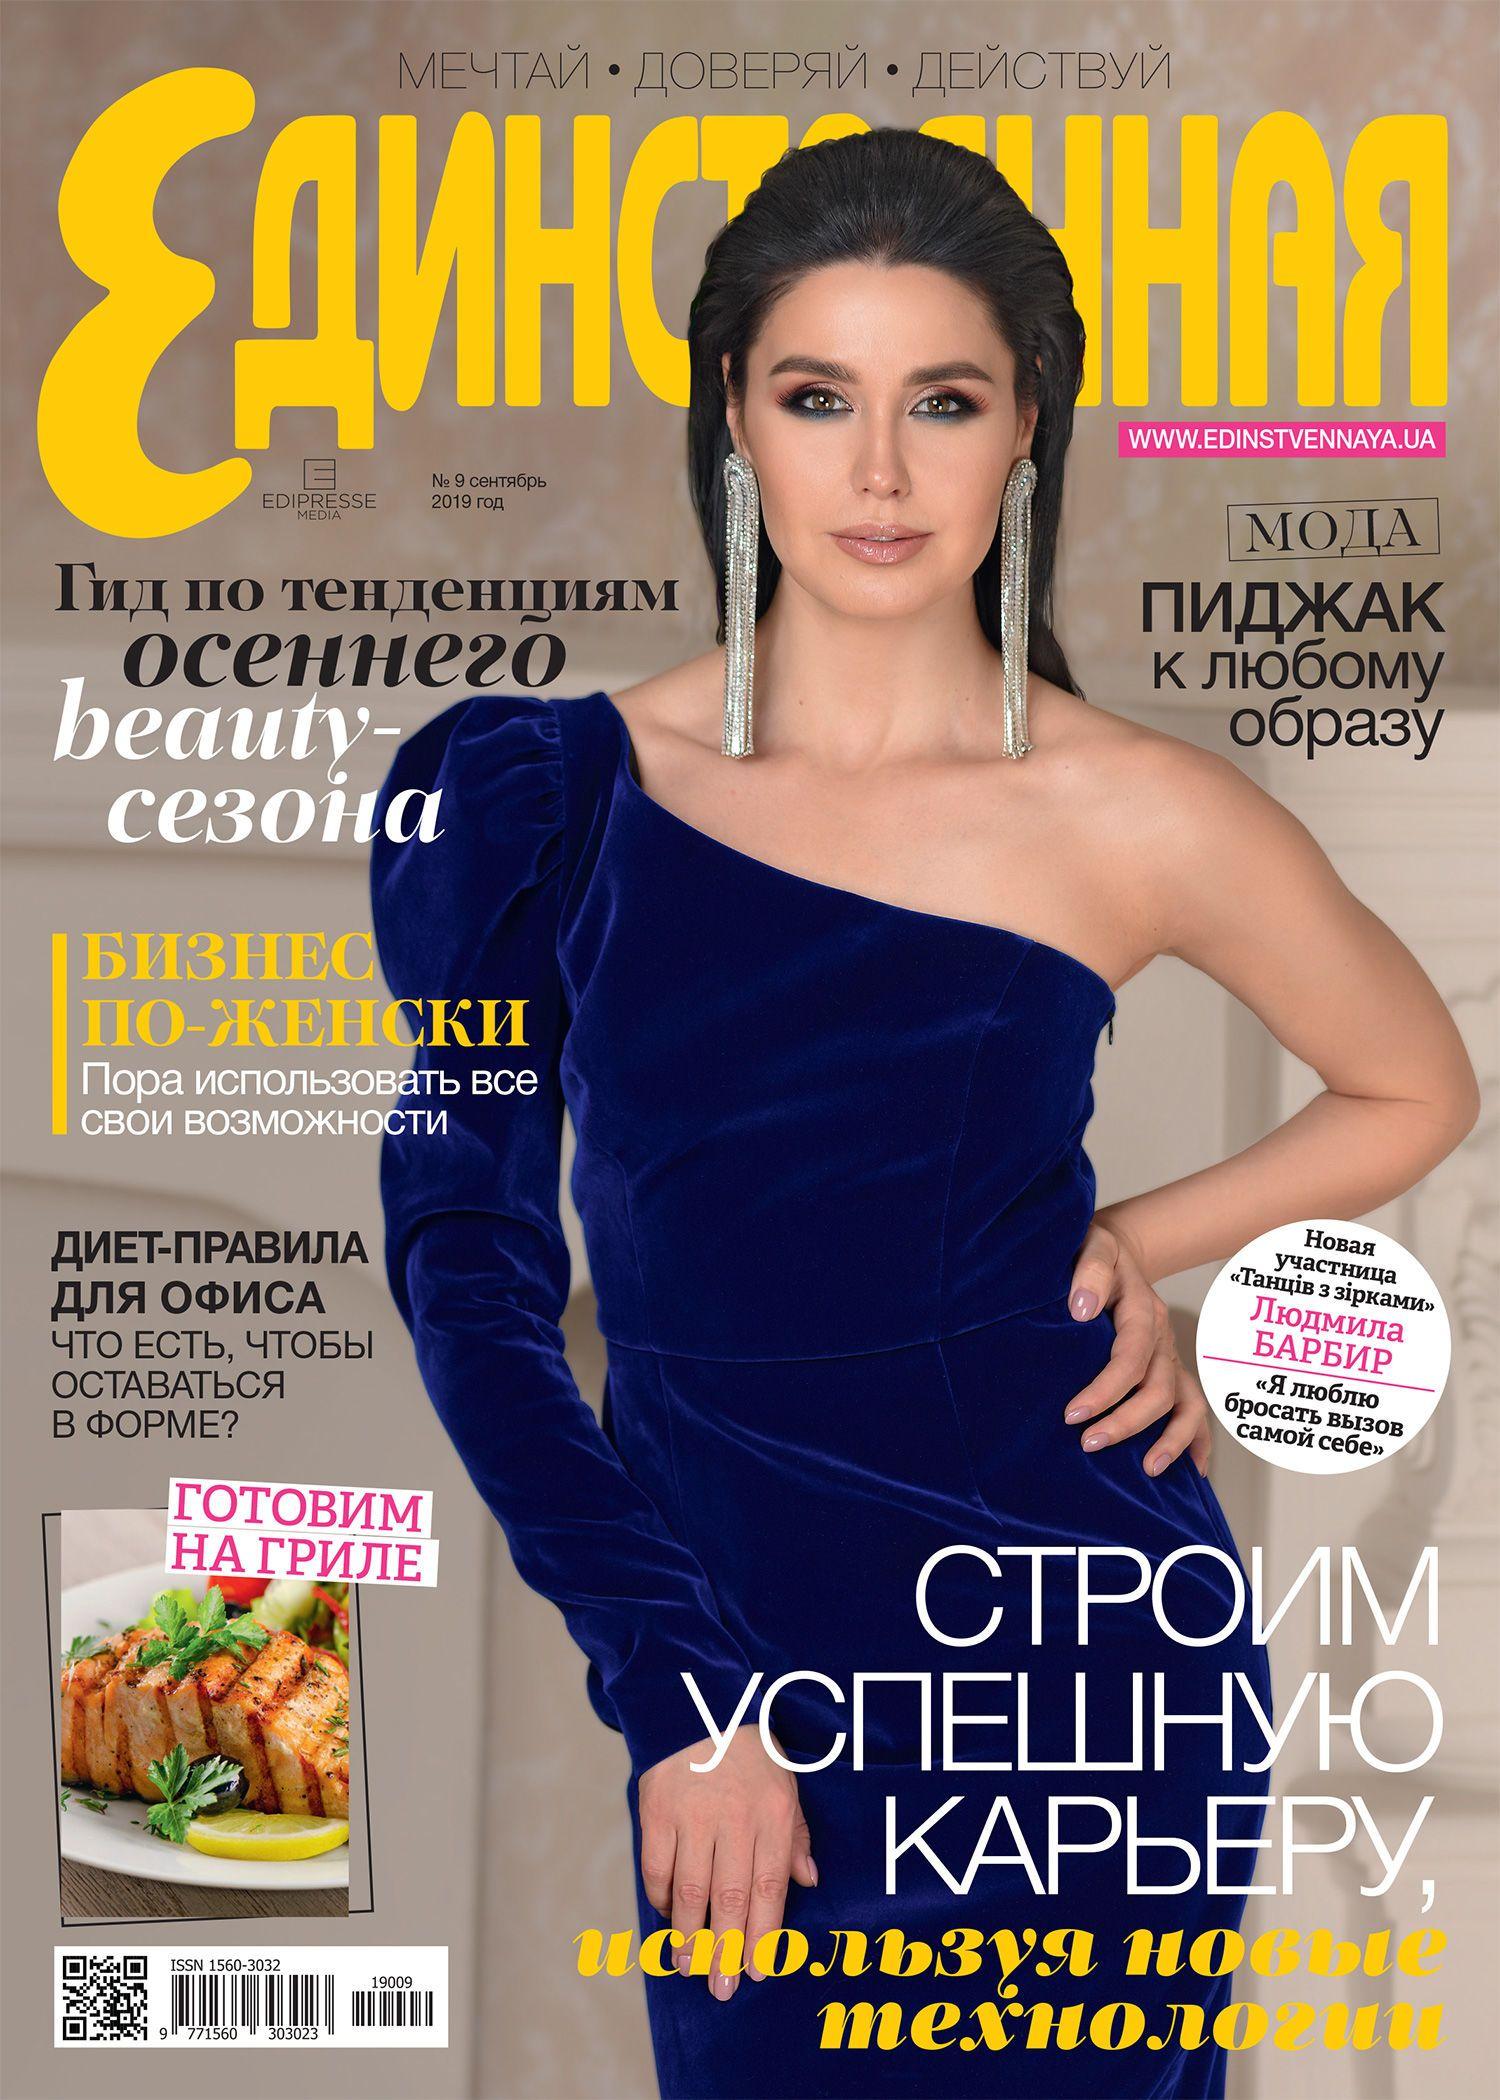 Людмила Барбір_1